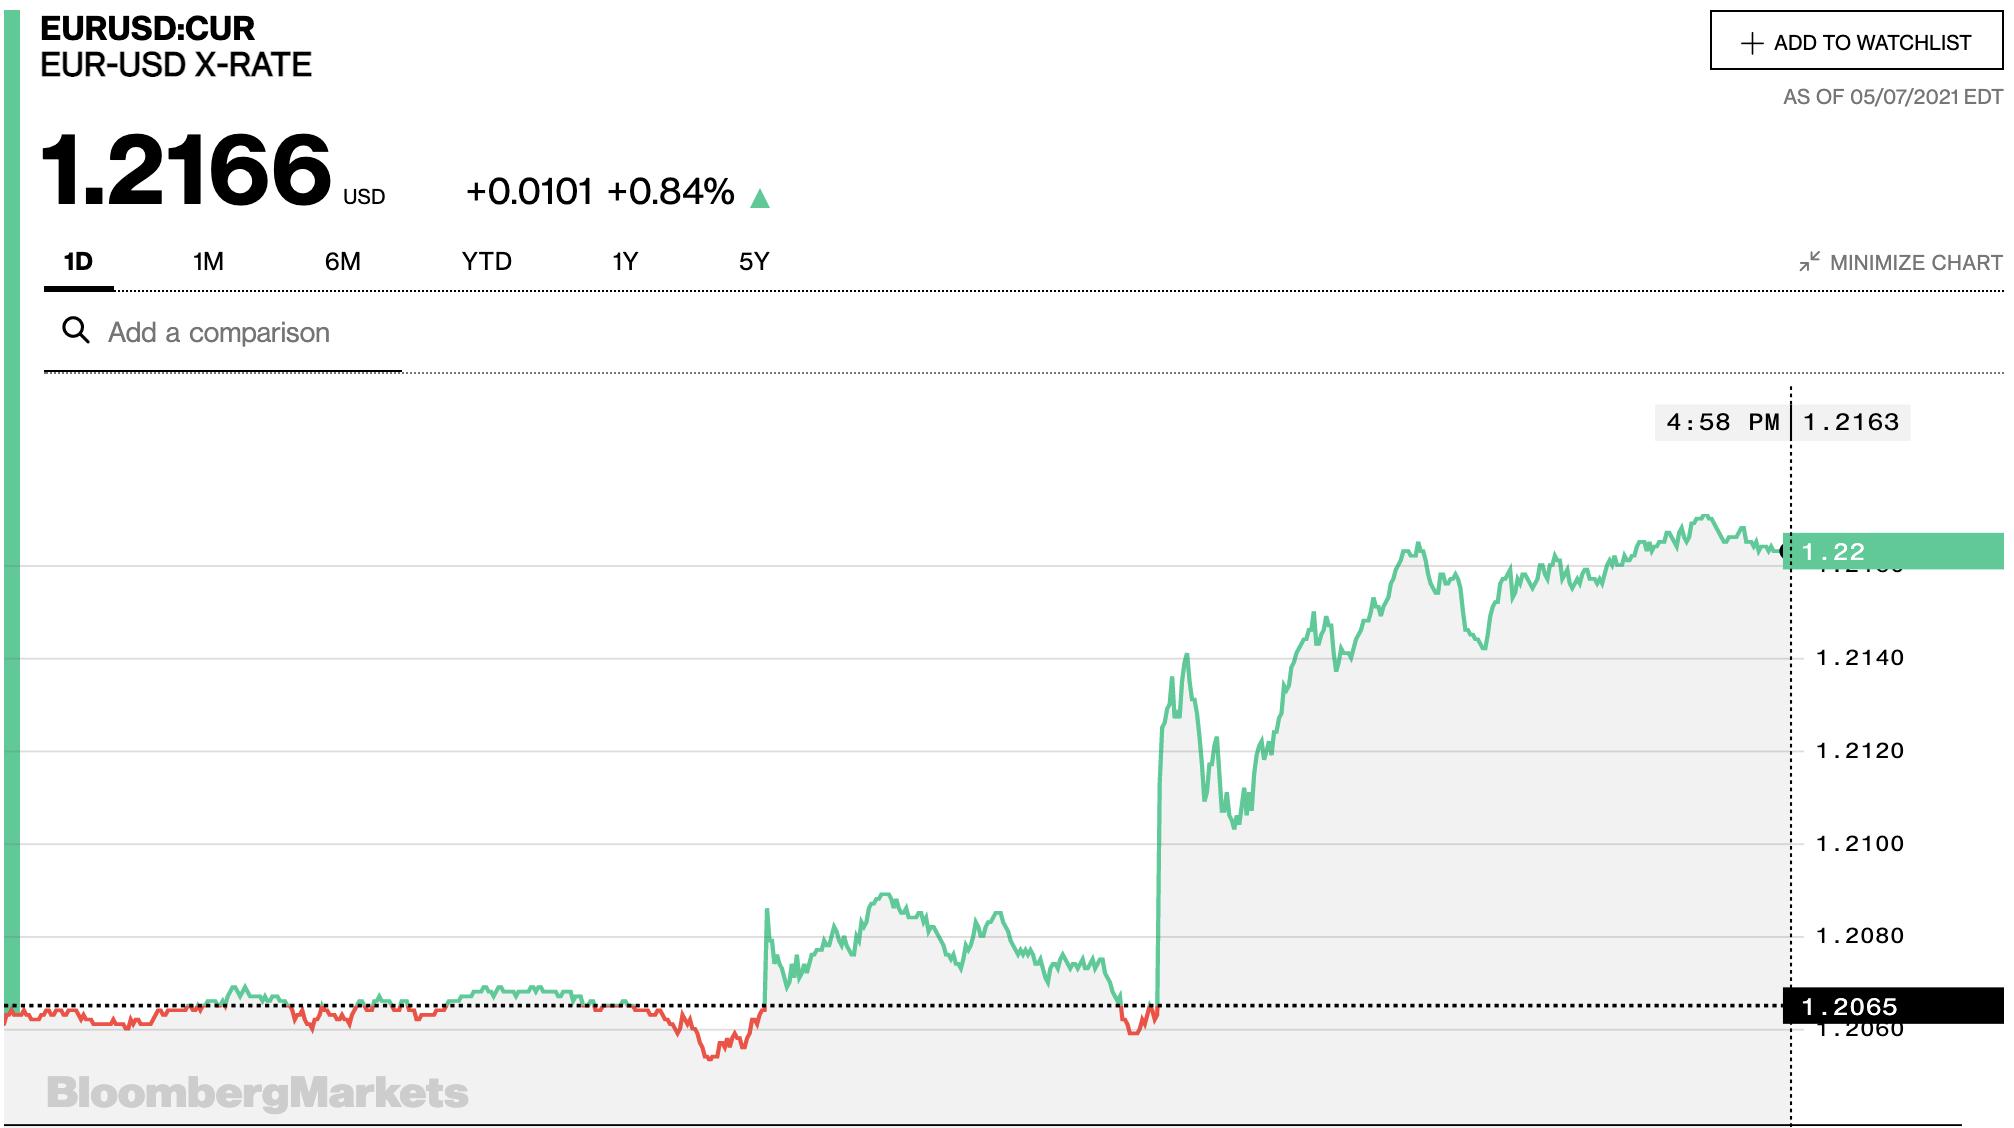 Tỷ giá euro hôm nay 8/5: Tiếp tục tăng tại đa số ngân hàng và thị trường chợ đen - Ảnh 2.